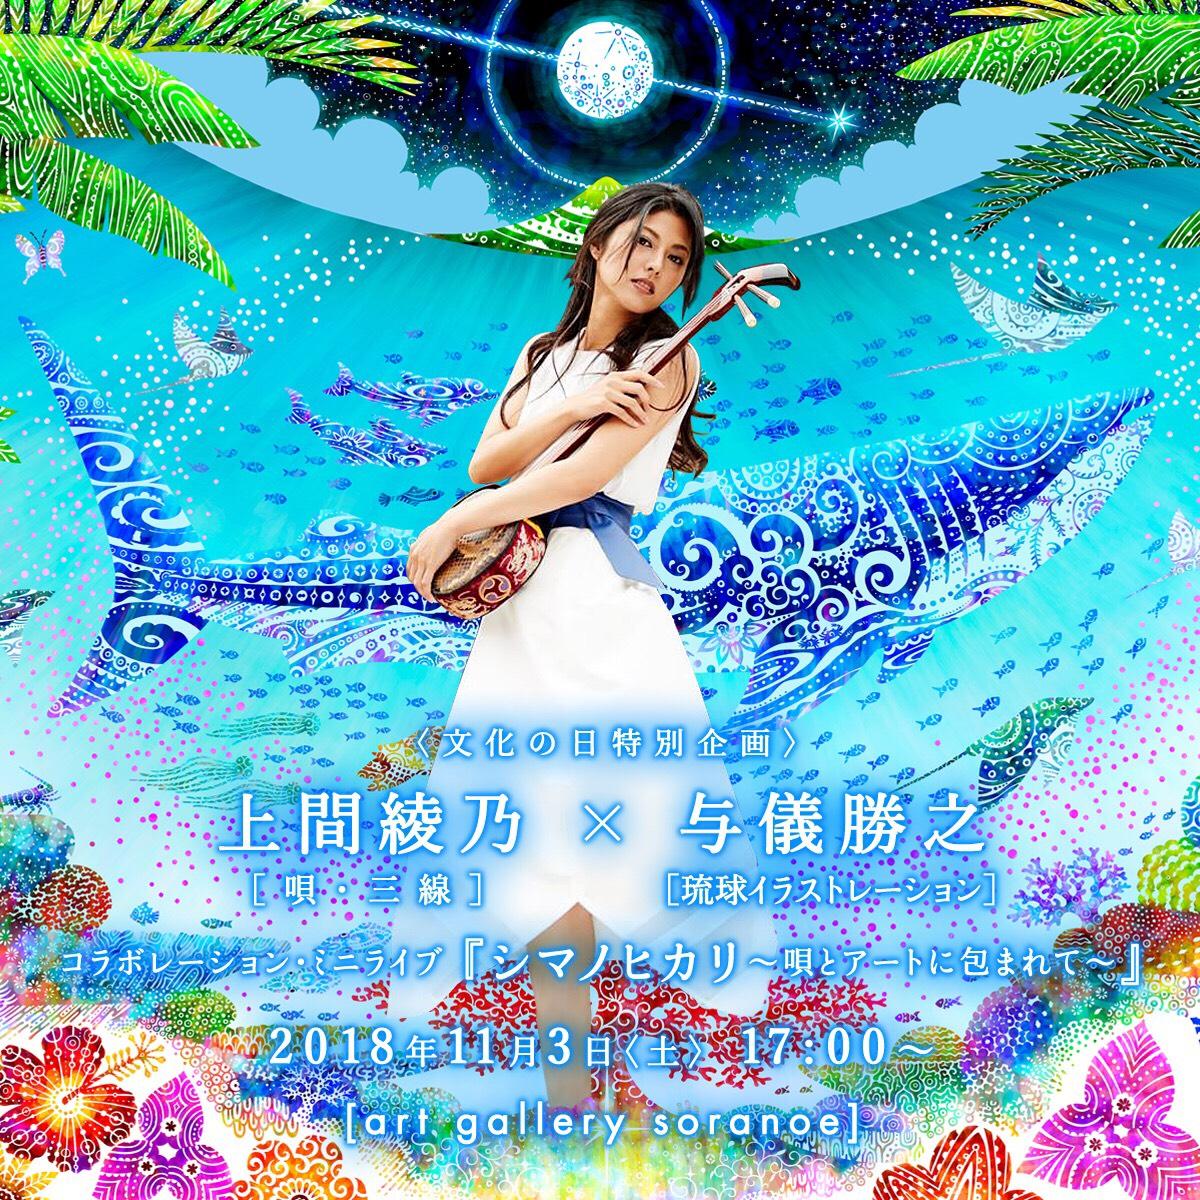 シマノヒカリ〜唄とアートに包まれて〜@アートギャラリー・ソラノエ